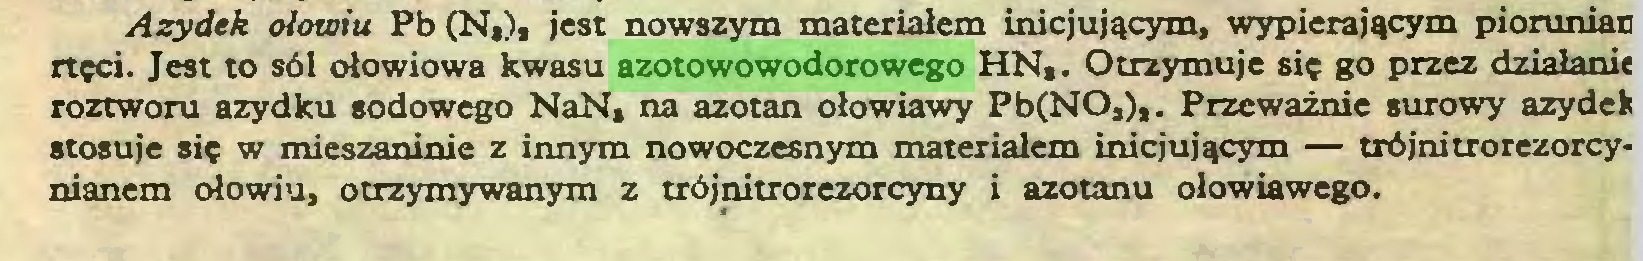 (...) Azydek ołowiu Pb (N,), jest nowszym materiałem inicjującym, wypierającym piorunian rtęci. Jest to sól ołowiowa kwasu azotowowodorowego HH,. Otrzymuje się go przez działanie roztworu azydku sodowego NaN, na azotan ołowiawy Pb(NO,),. Przeważnie surowy azydek stosuje się w mieszaninie z innym nowoczesnym materiałem inicjującym — trójnitrorezorcynianem ołowiu, otrzymywanym z trójnitrorezorcyny i azotanu ołowiawego...